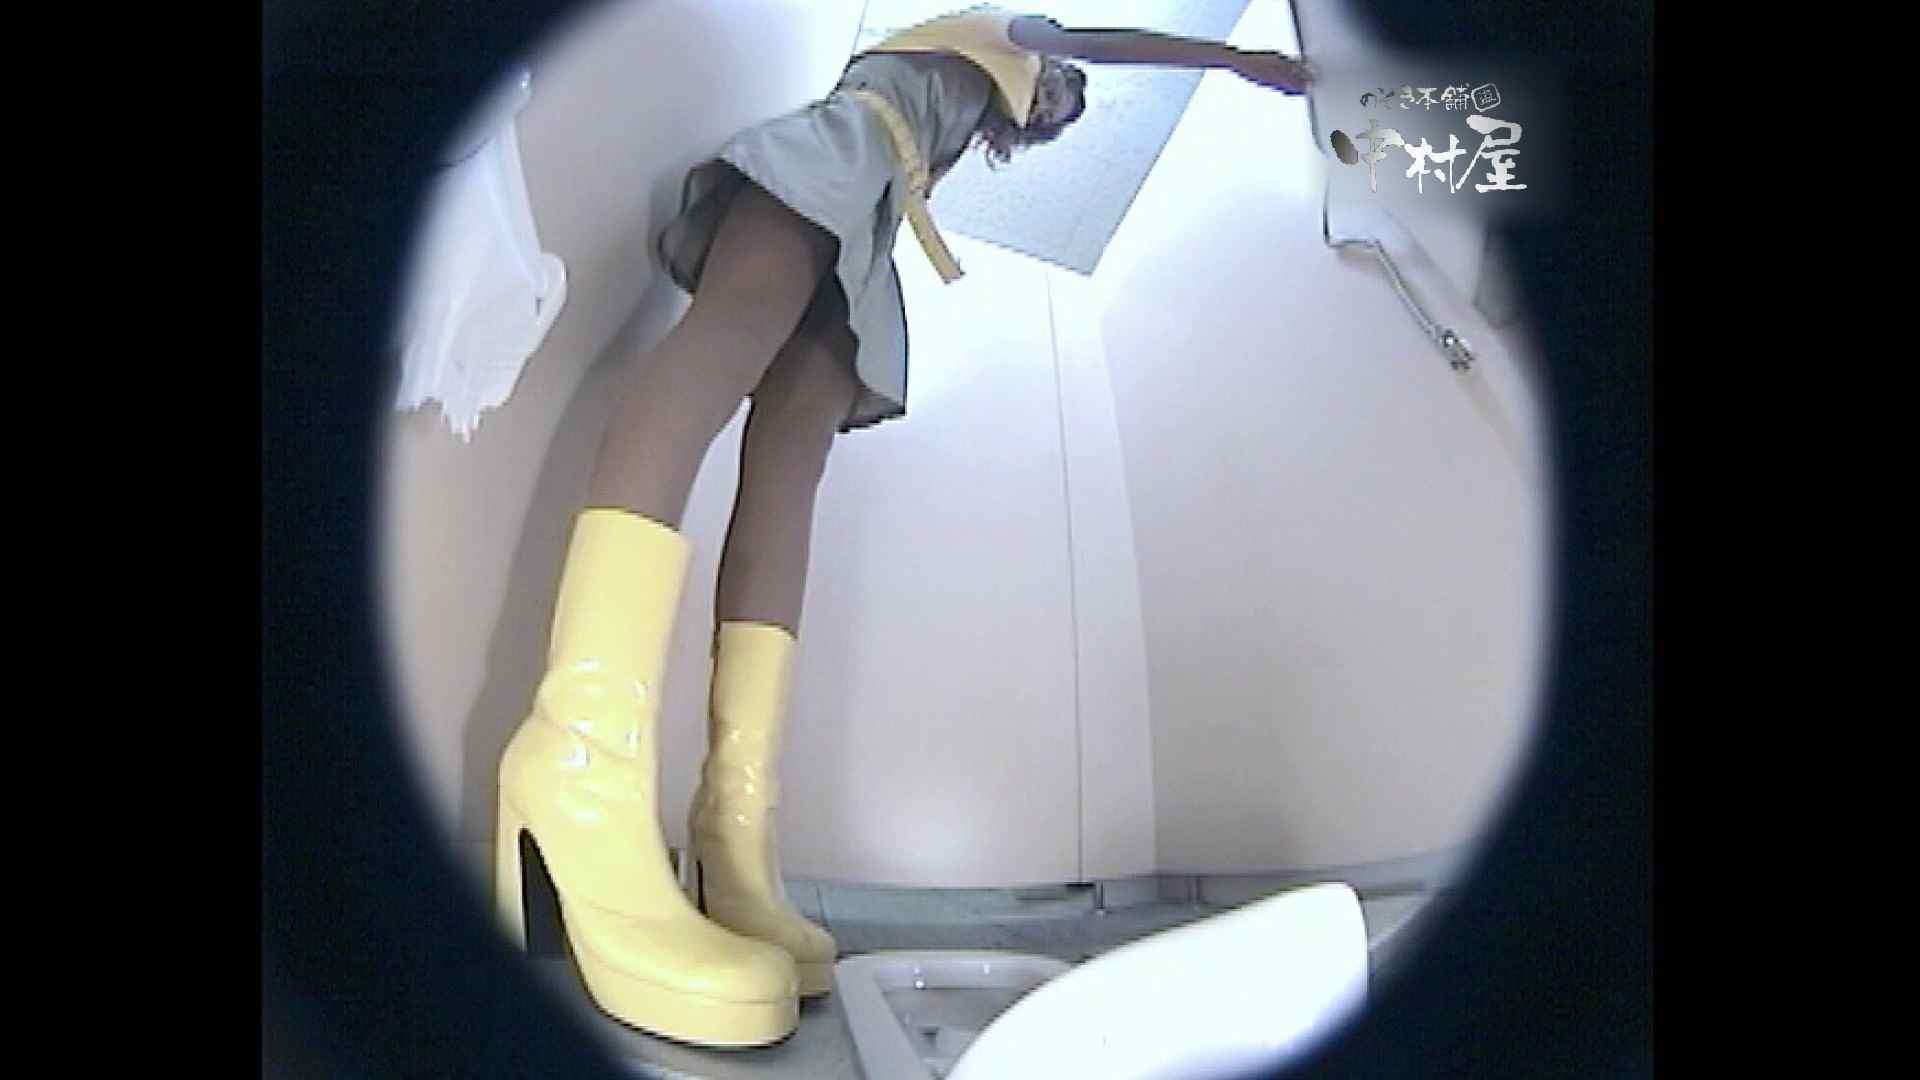 レースクィーントイレ盗撮!Vol.17 お色気美女 盗み撮り動画キャプチャ 92枚 61